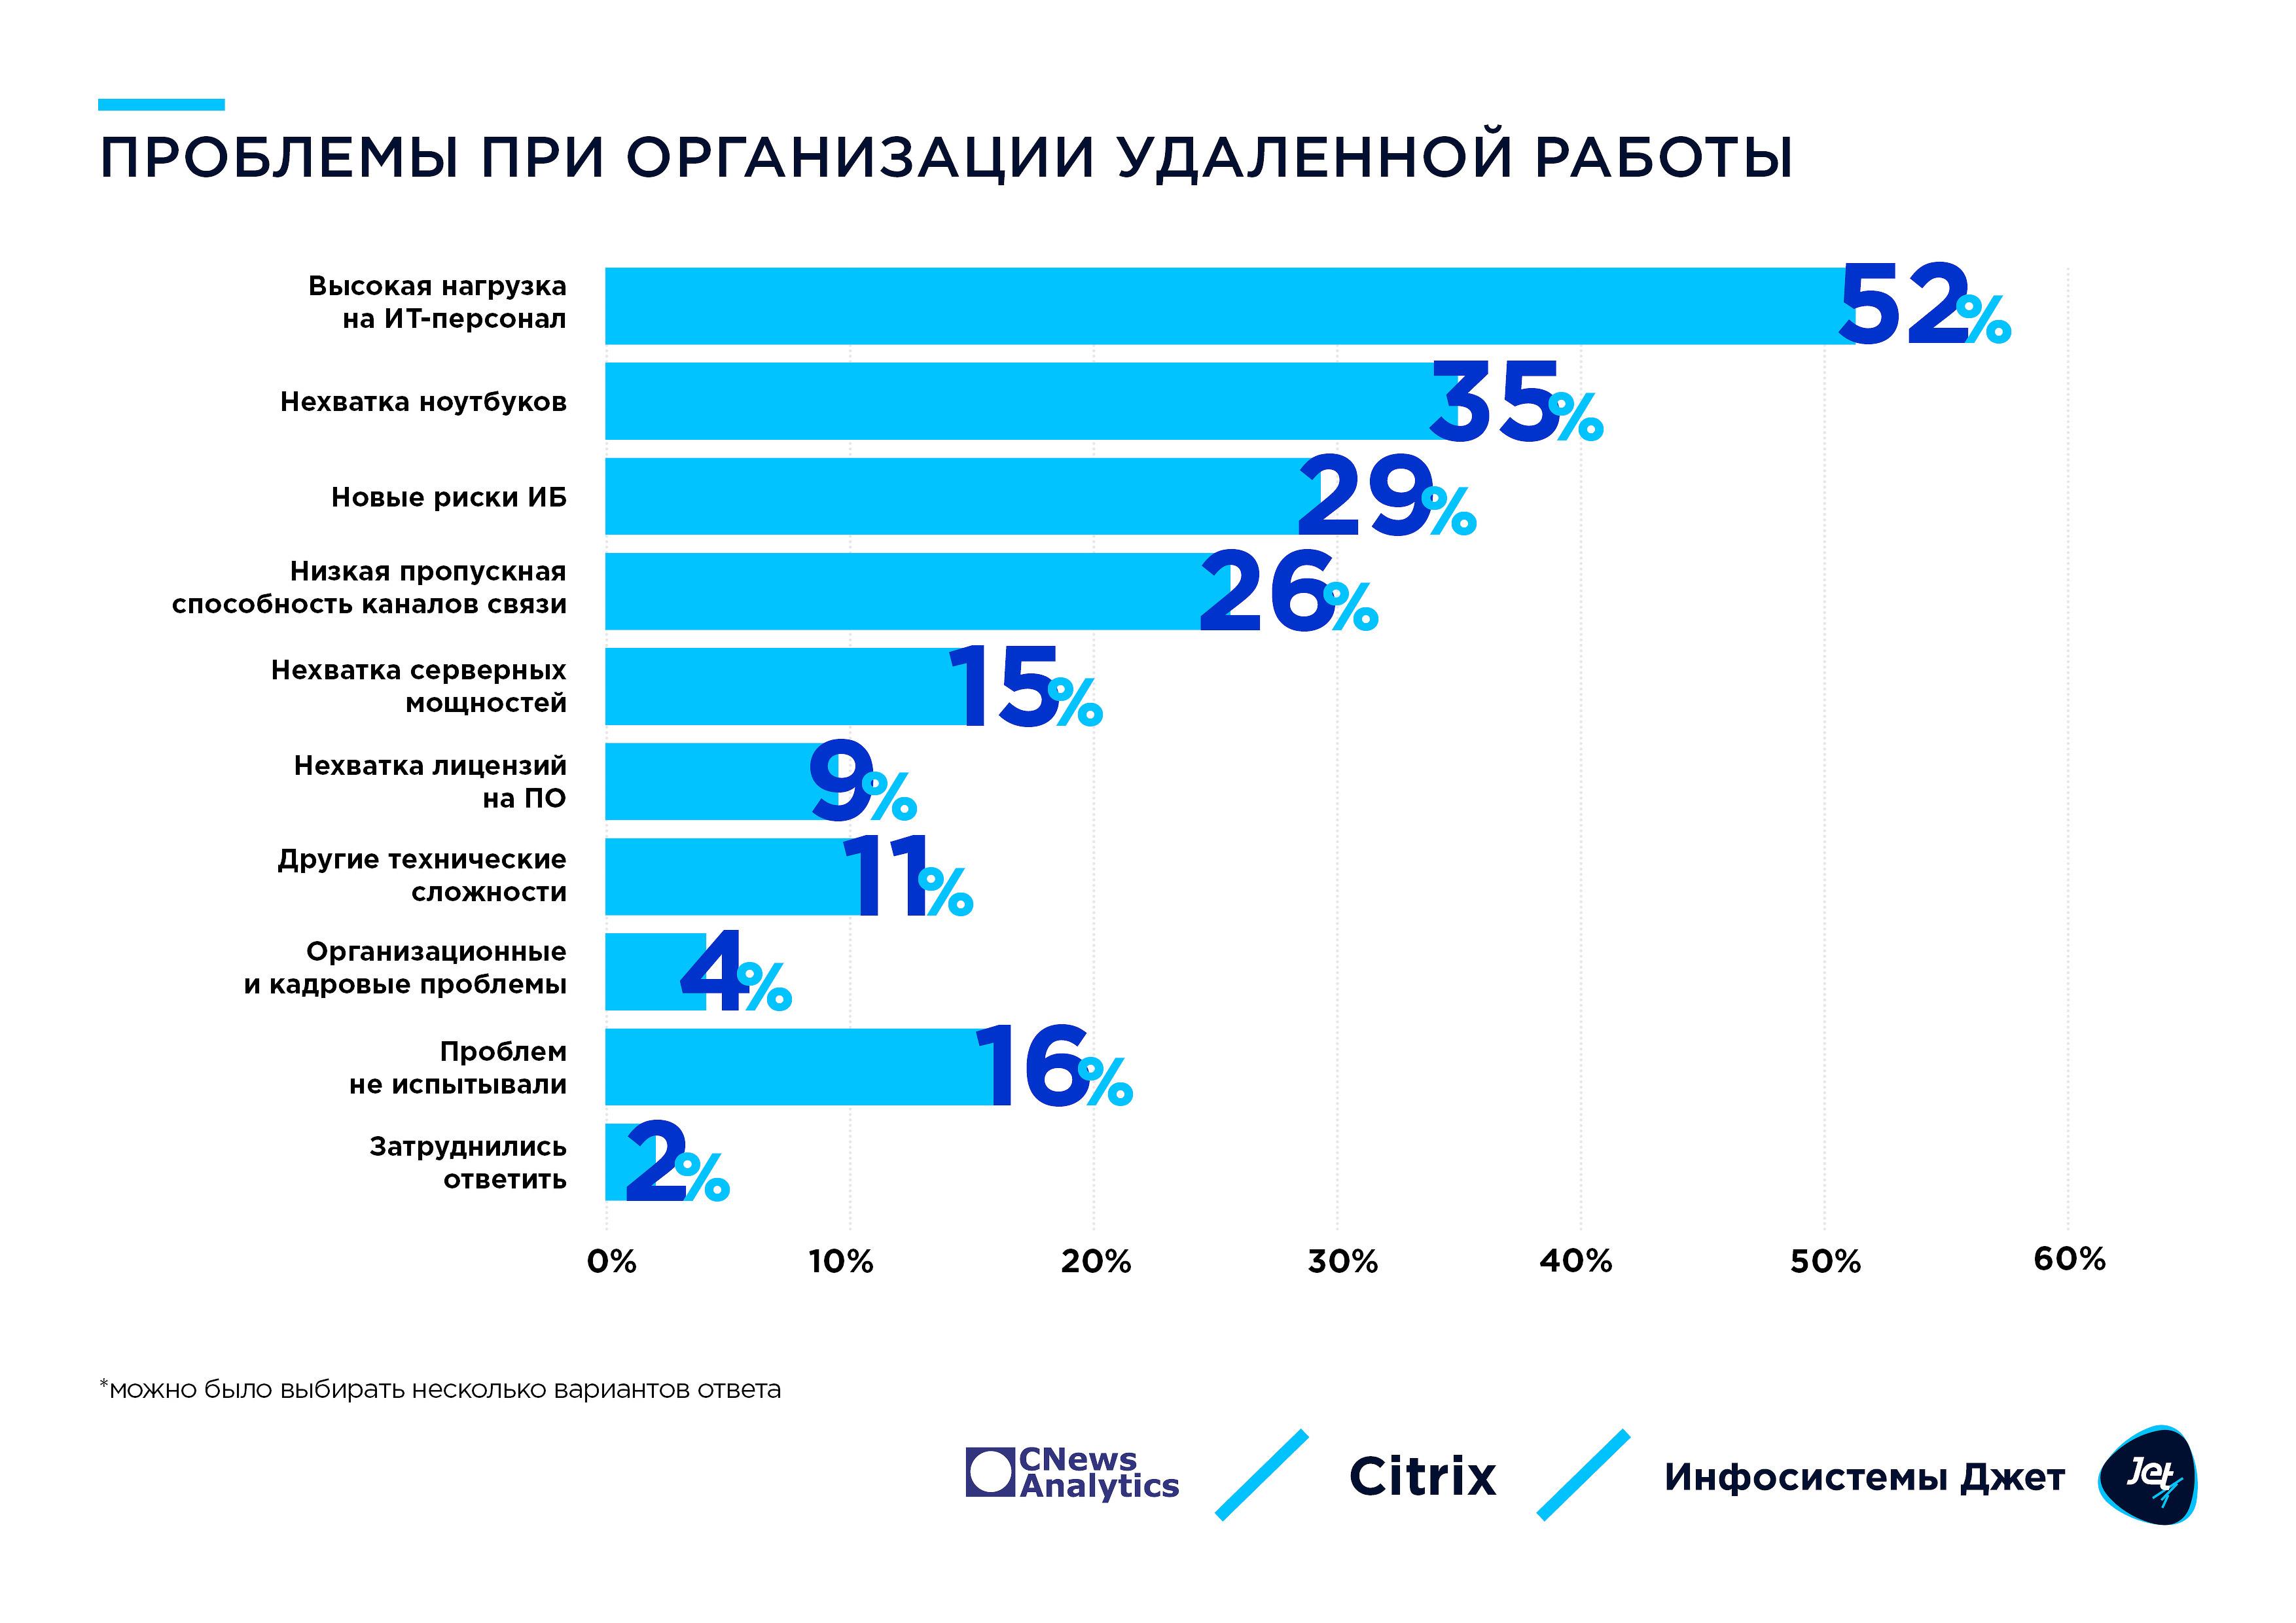 3_problemy_pri_organizatsii_udalennoj_raboty.jpg